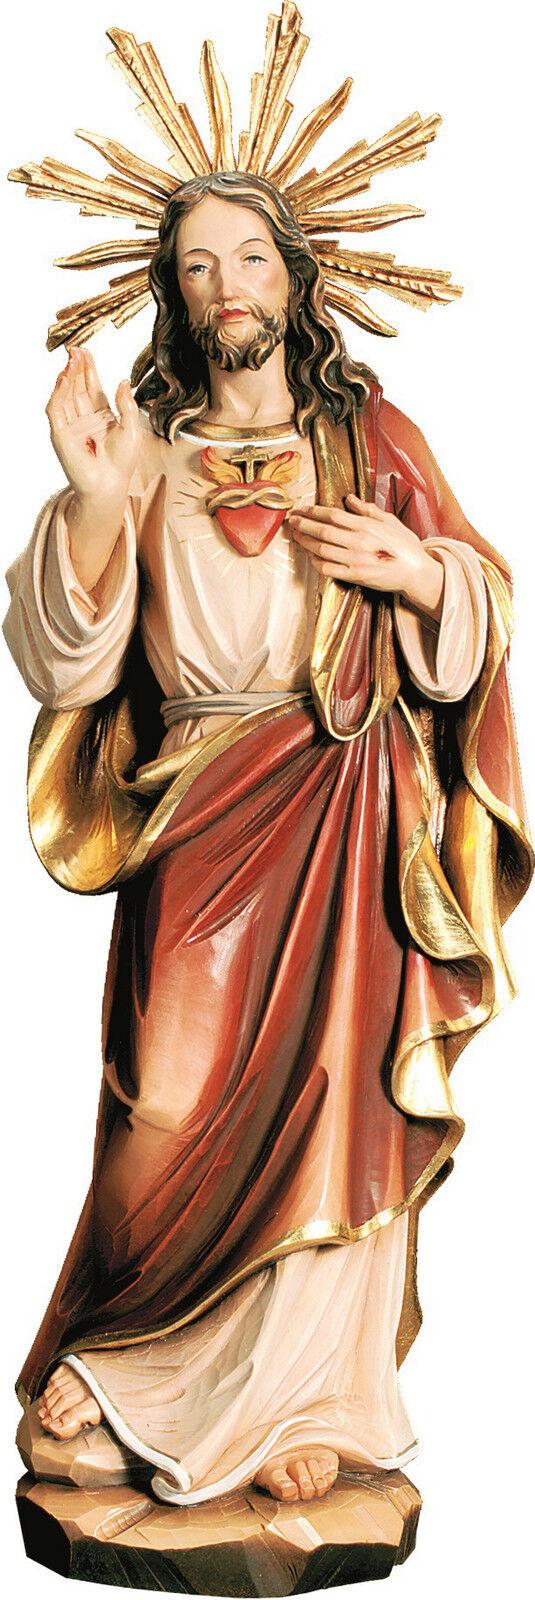 Statue Heiligen Herz von Jesus mit mit mit Sunburst - sacrot heart of Jesus with Halo | Komfort  5c0ca3